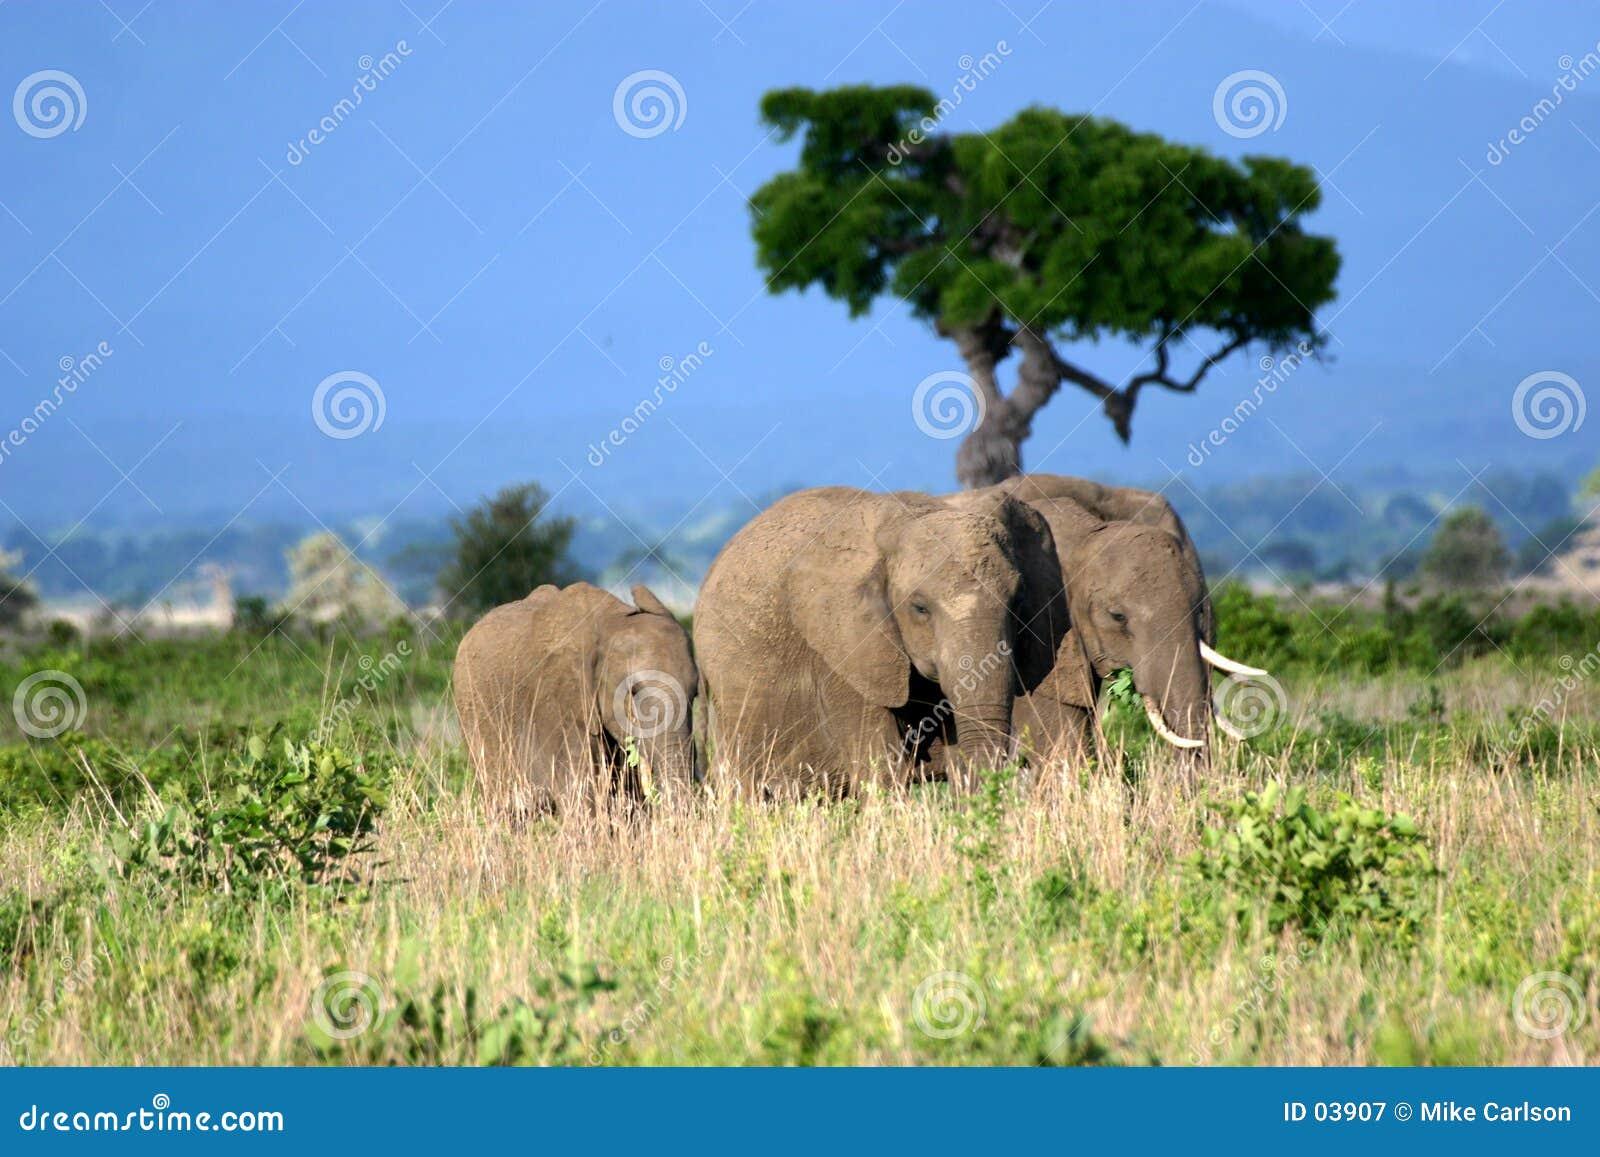 Afrykański słoń rodziny równiny